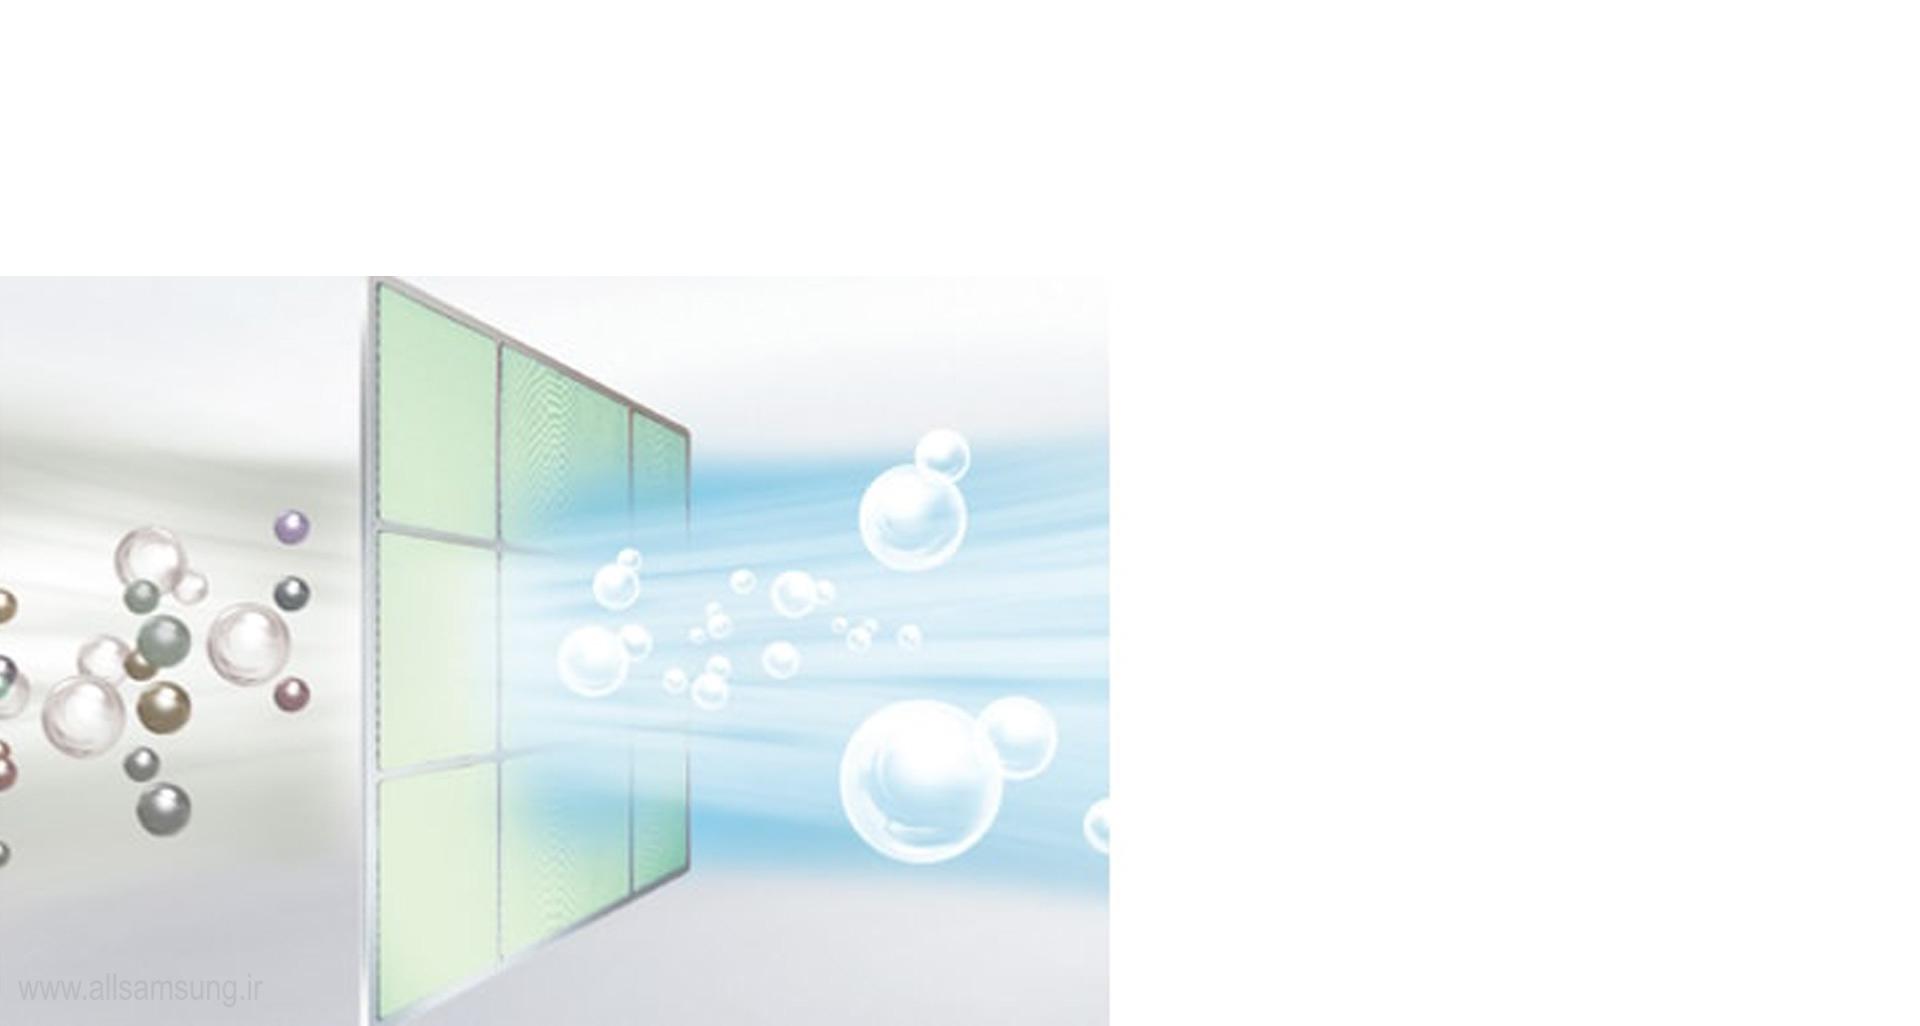 فیلتر فول اچ دی کولر گازی ap50mv سامسونگ (ماکزیمم 60 درصد)